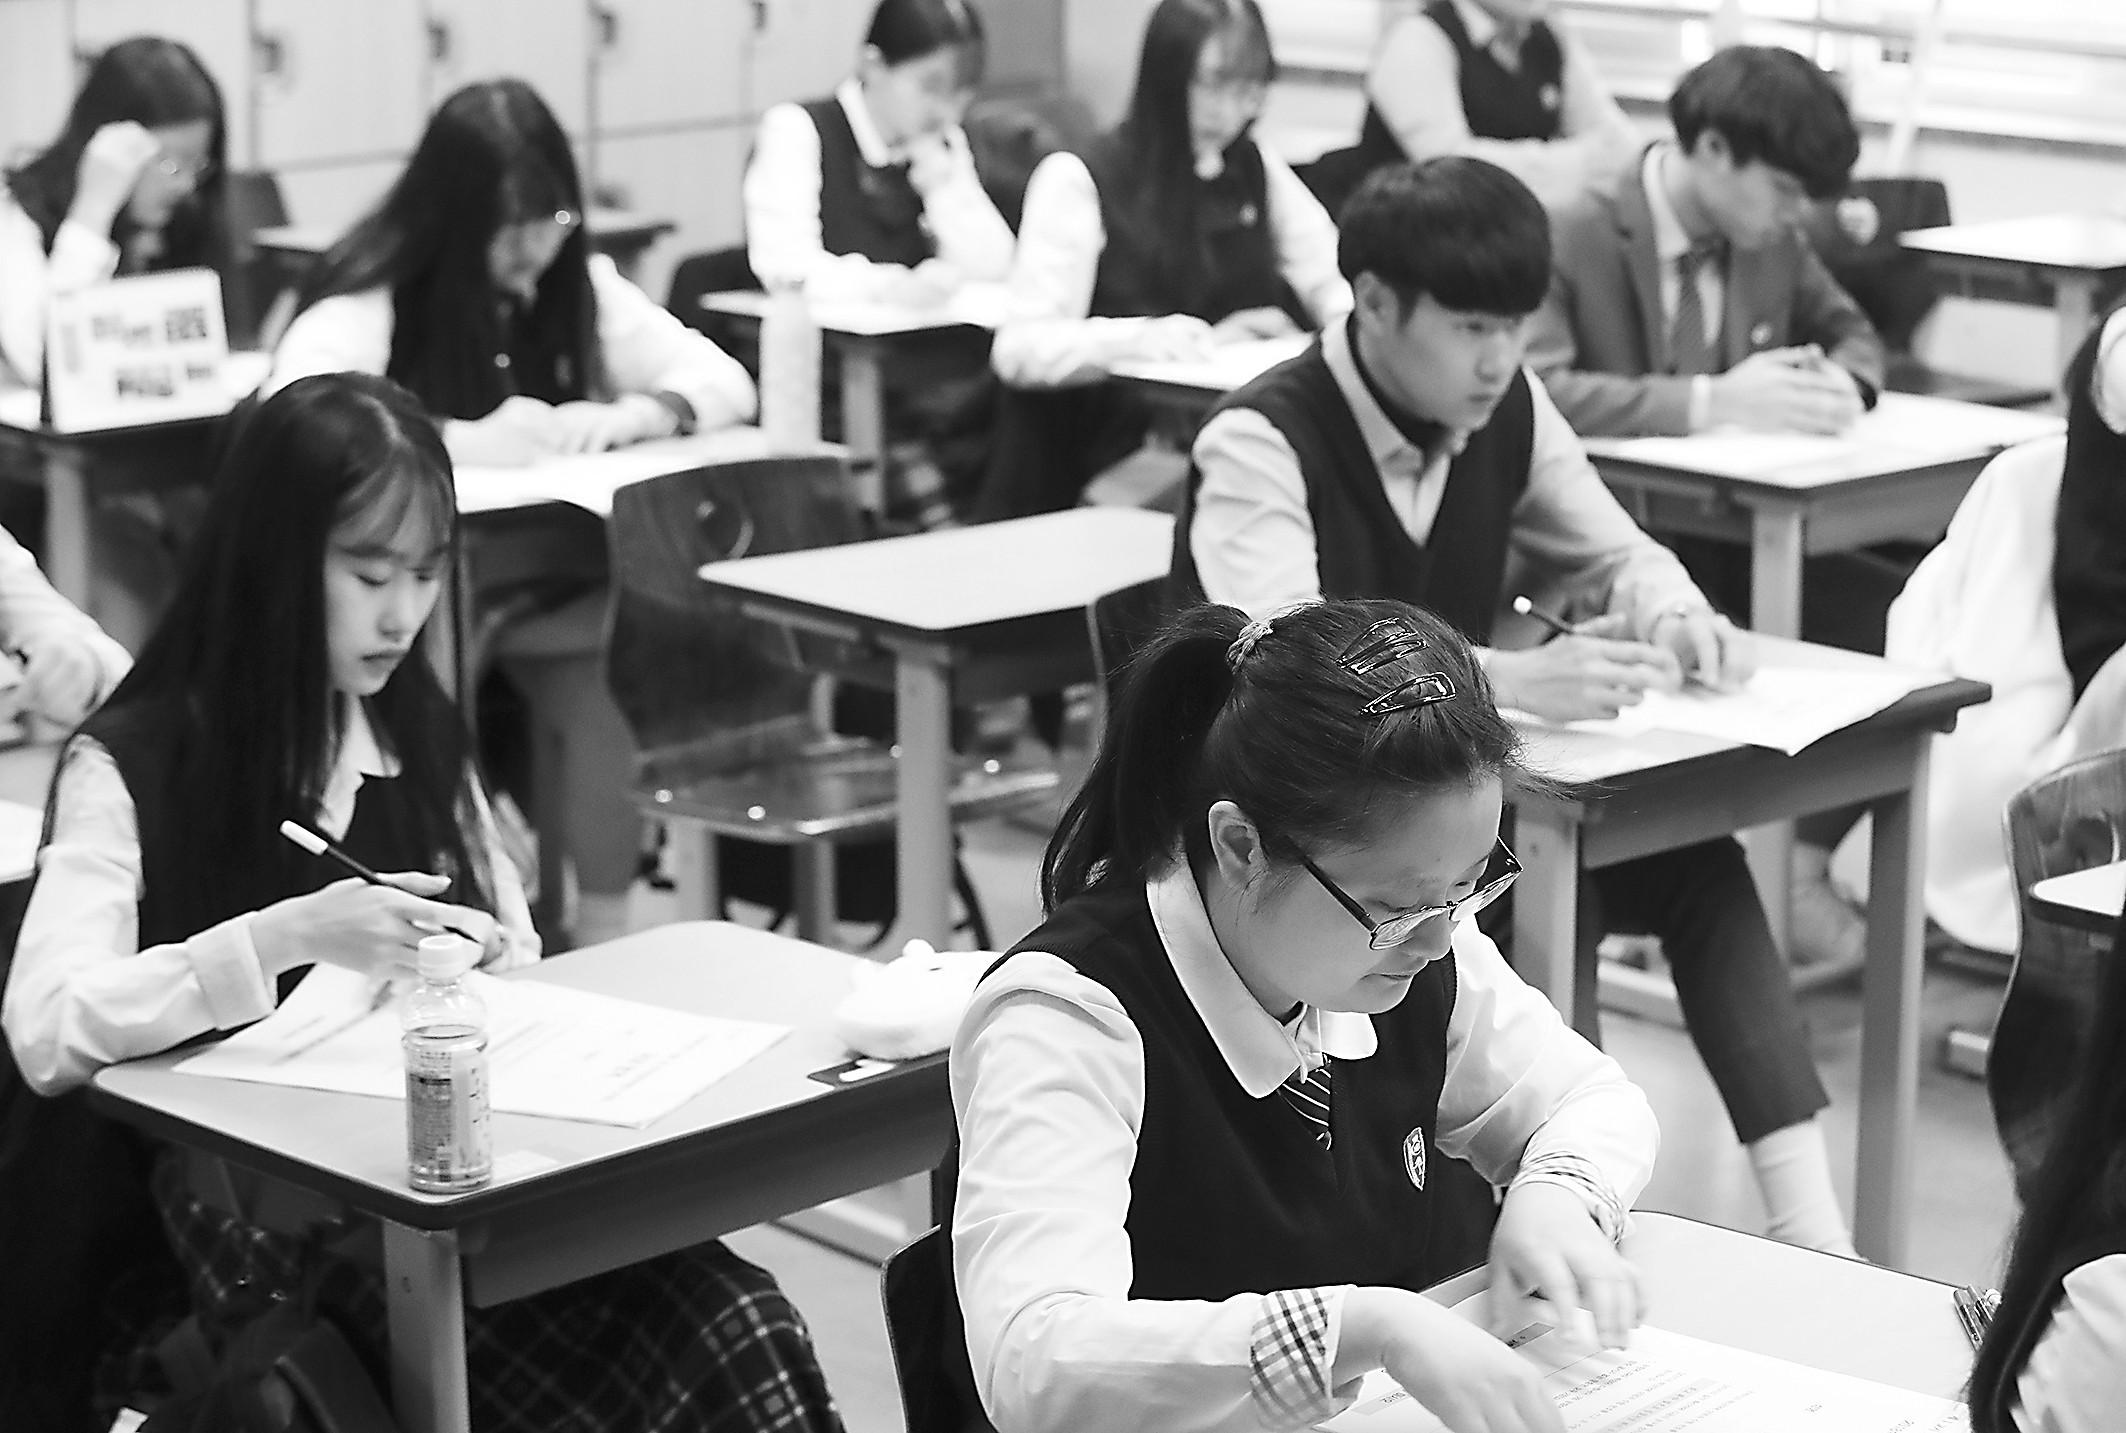 中国学生奔波于补习班 日韩学生暑假一样不轻松